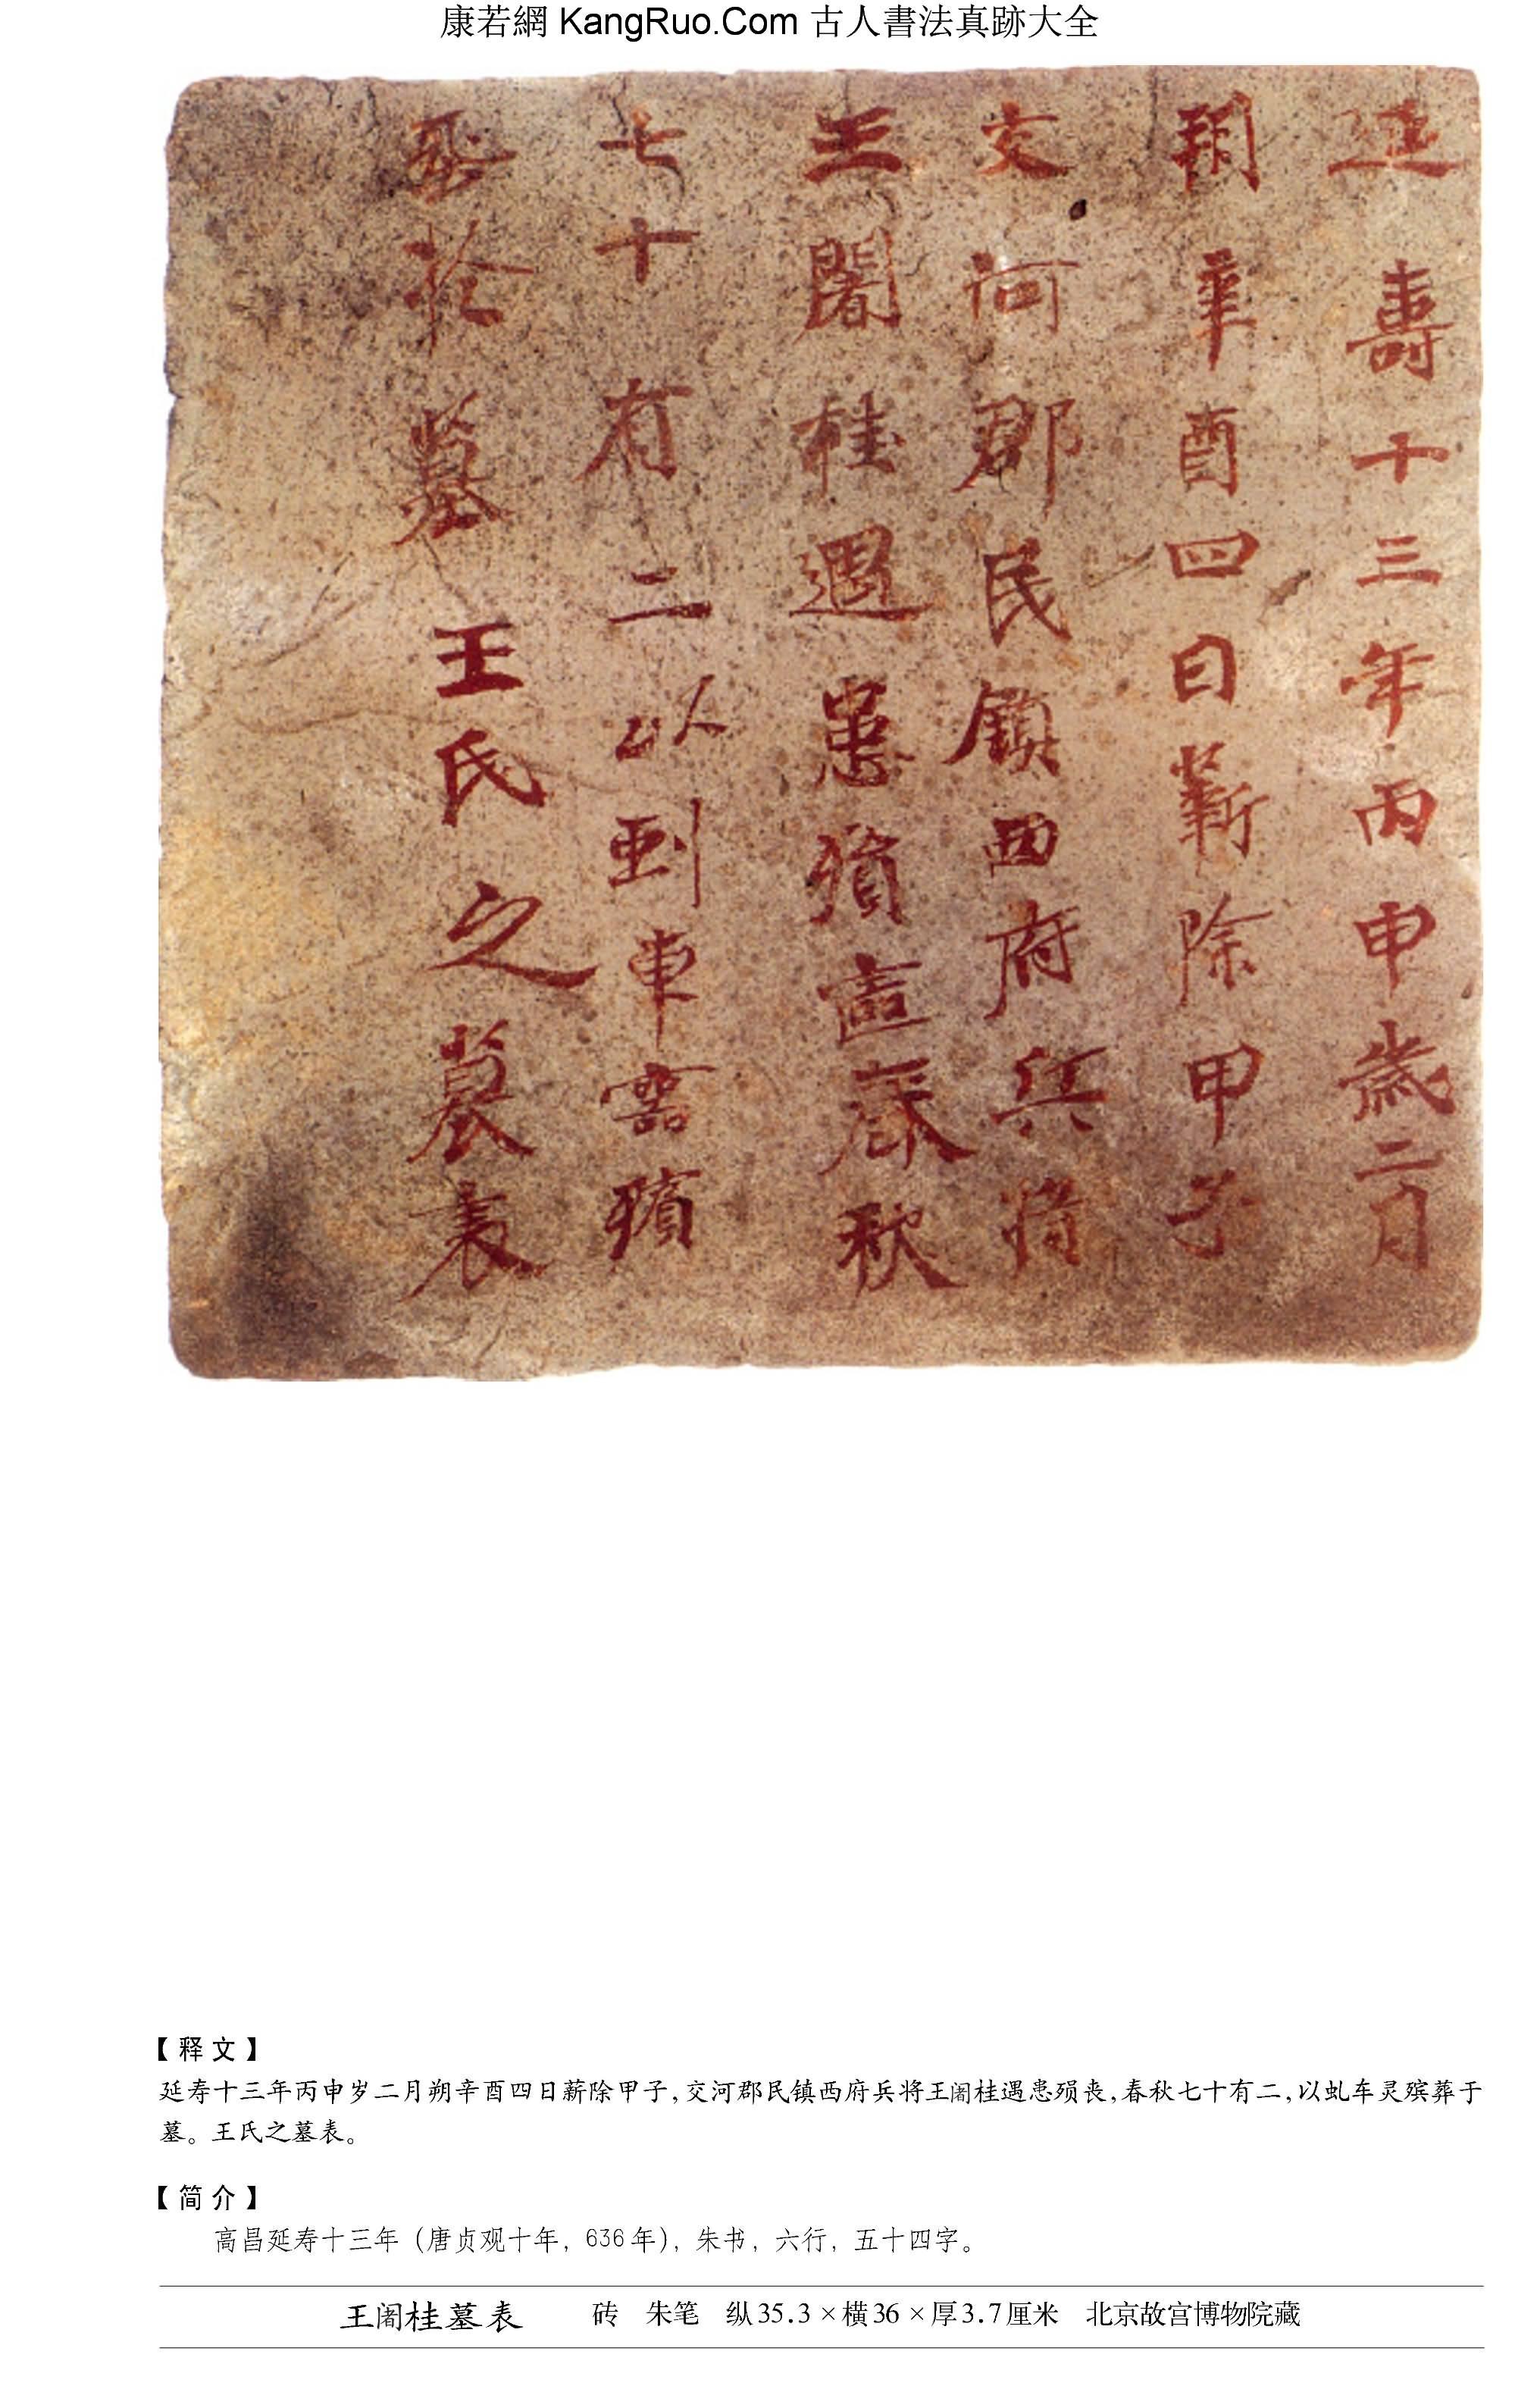 《王闊桂墓表》磚刻朱筆書法真跡【唐代·高昌磚】_00049